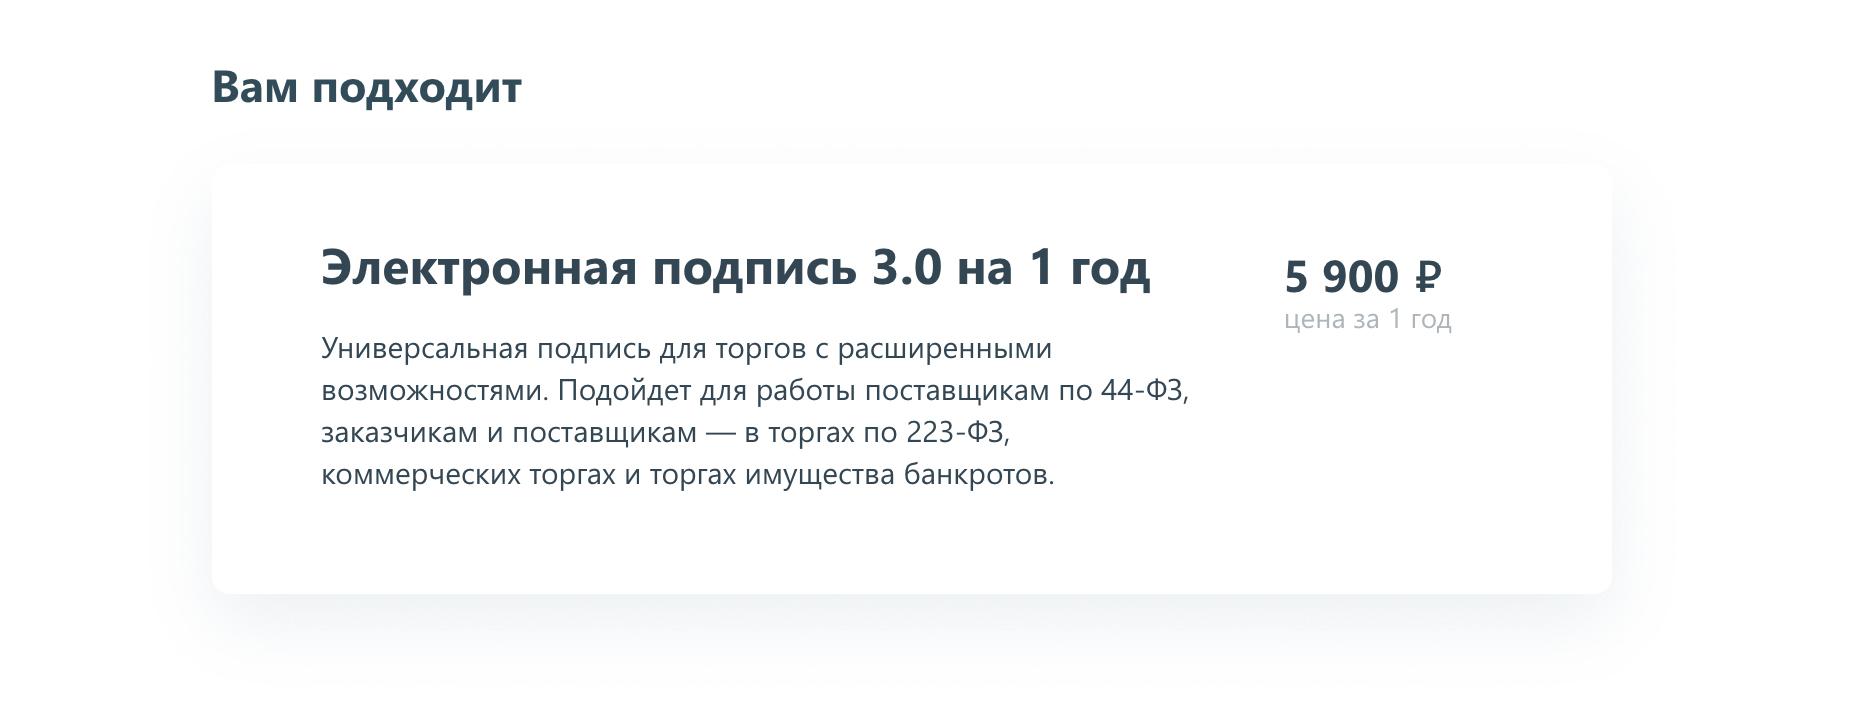 Такую стоимость предложил сайт другогоУЦ. На 50 рублей меньше — я согласился на их цену